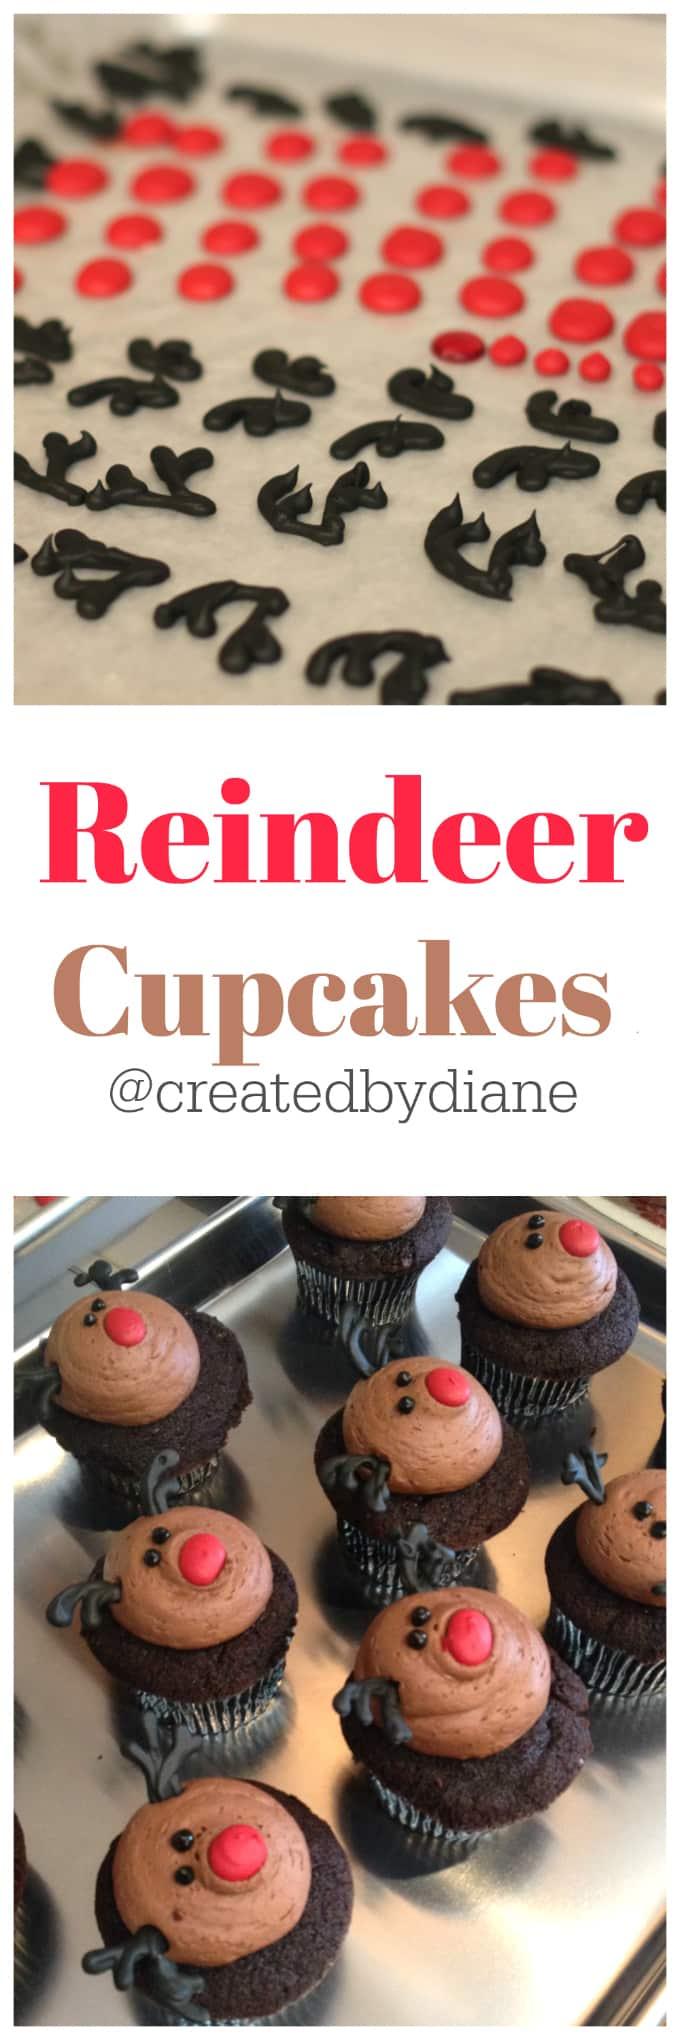 reindeer cupcakes @createdbydiane